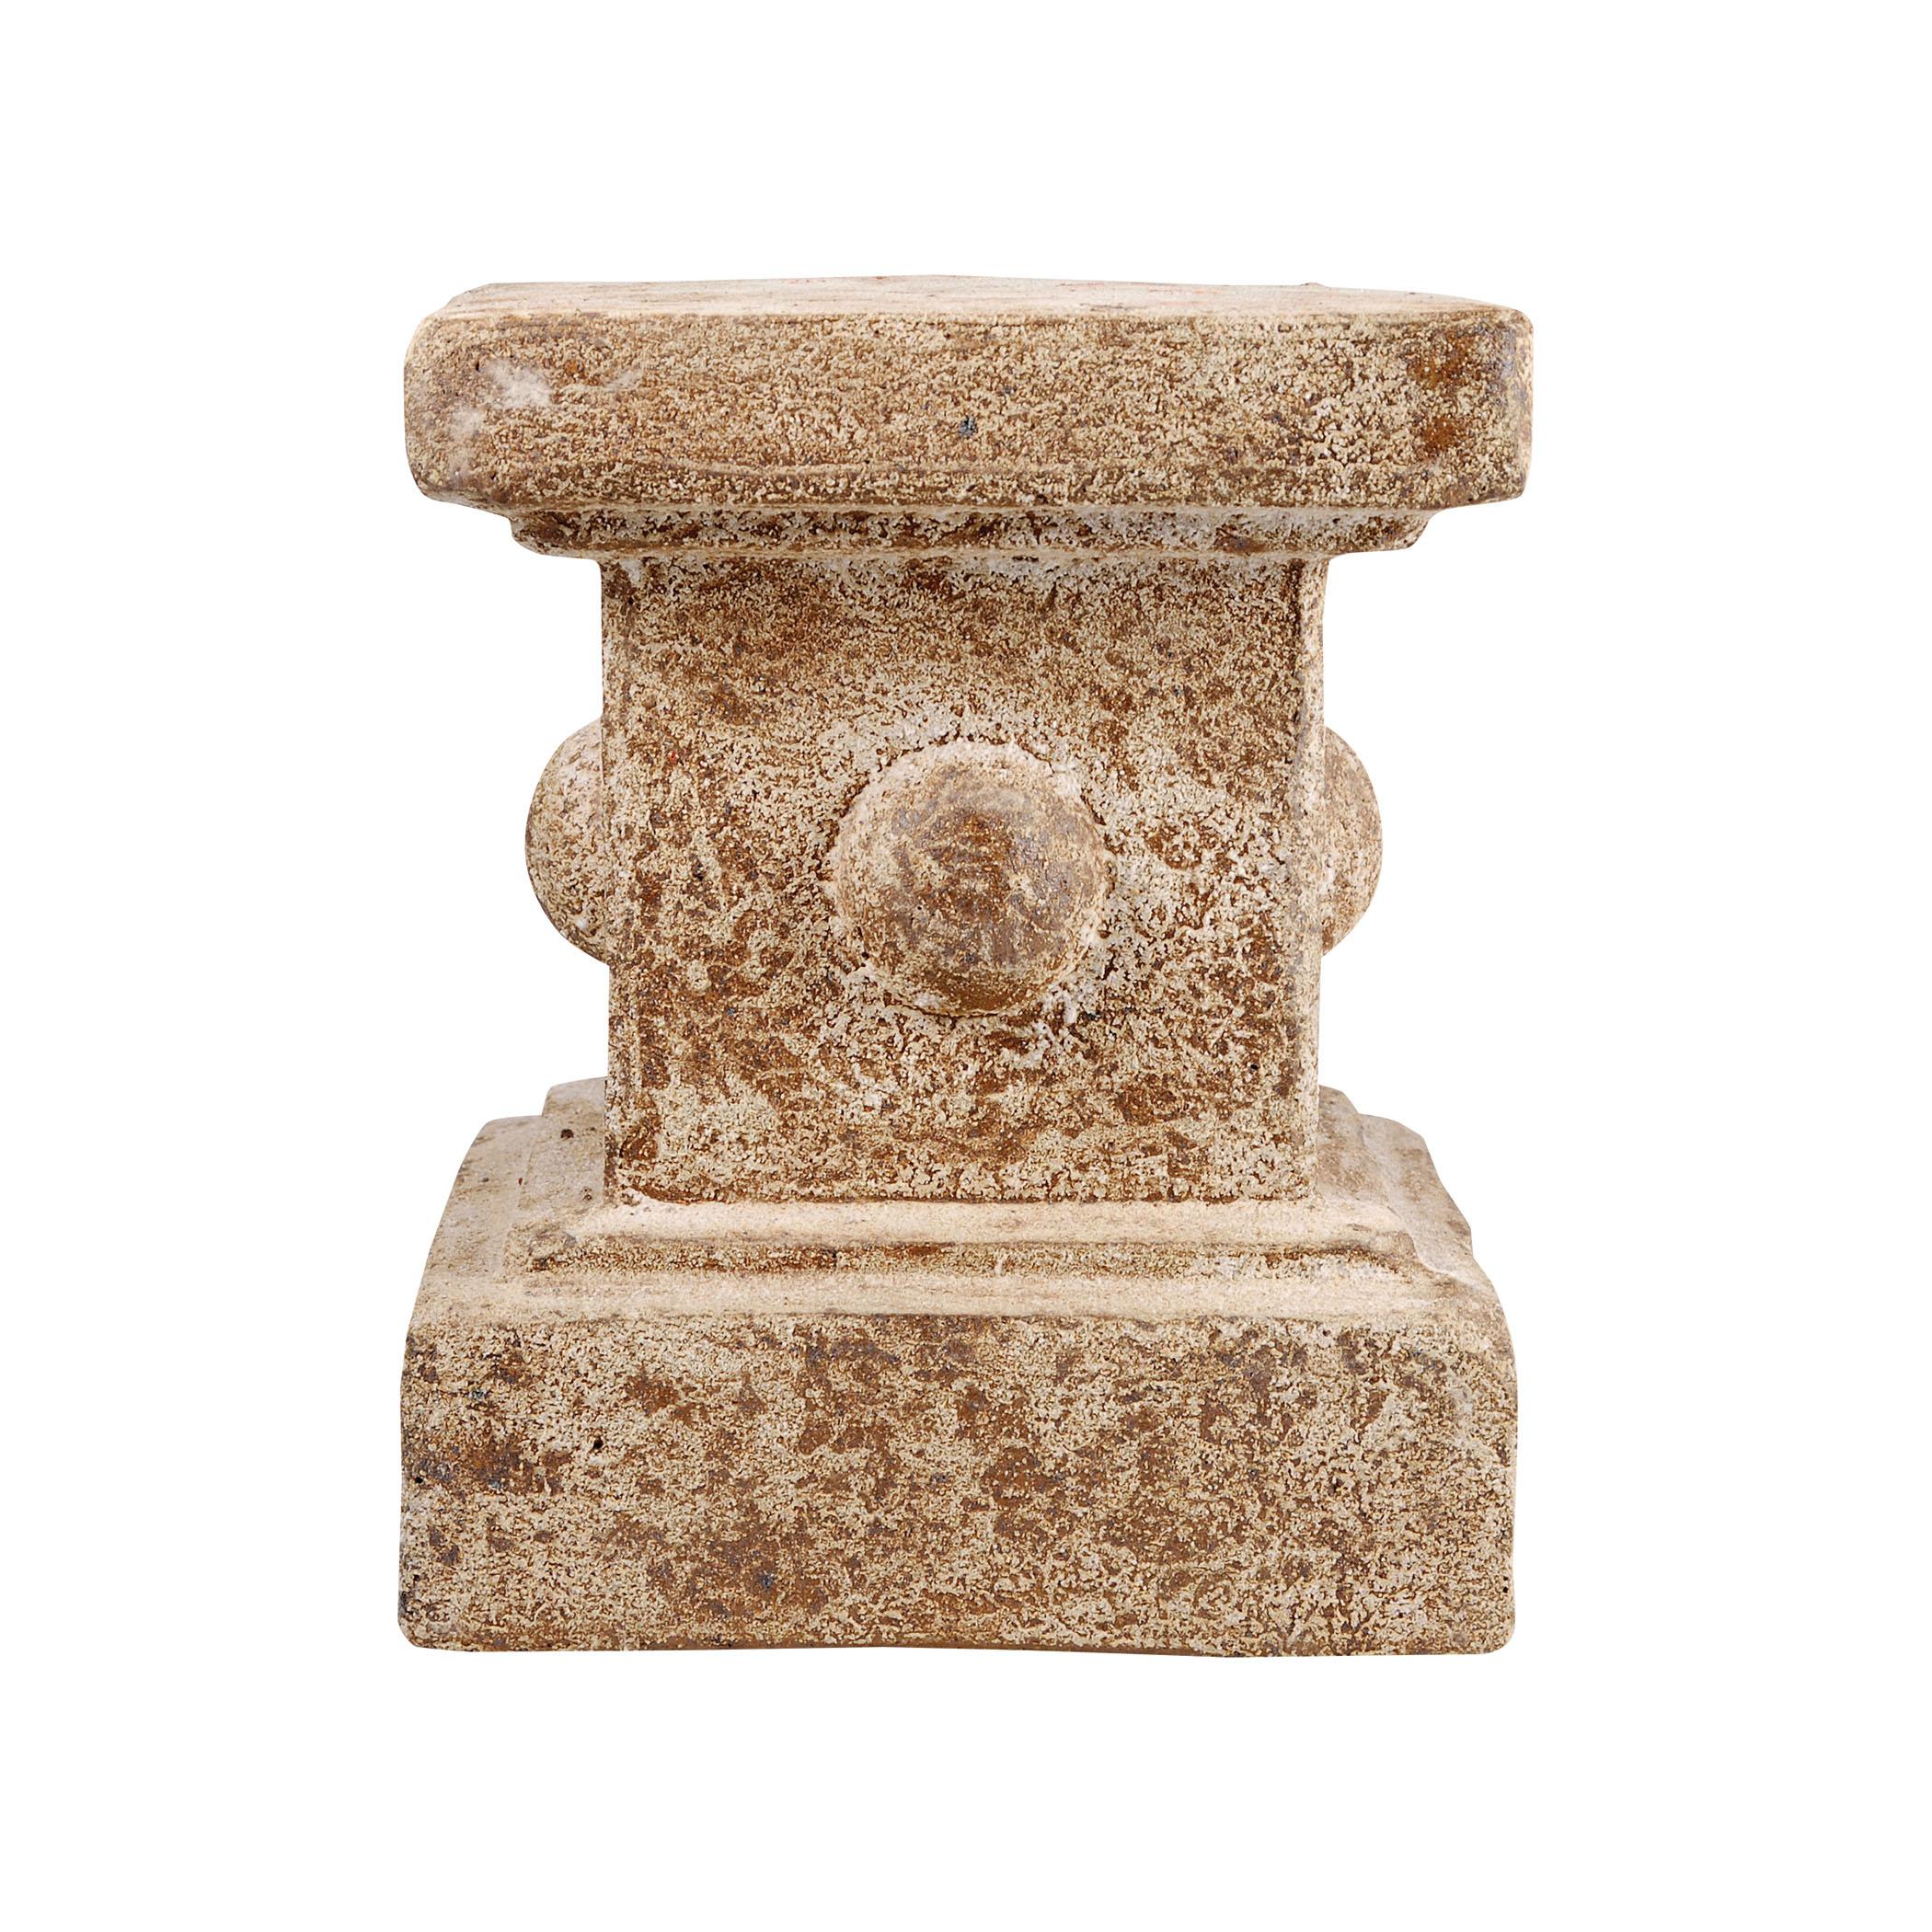 Pomeroy 563096 Monte Pedestal